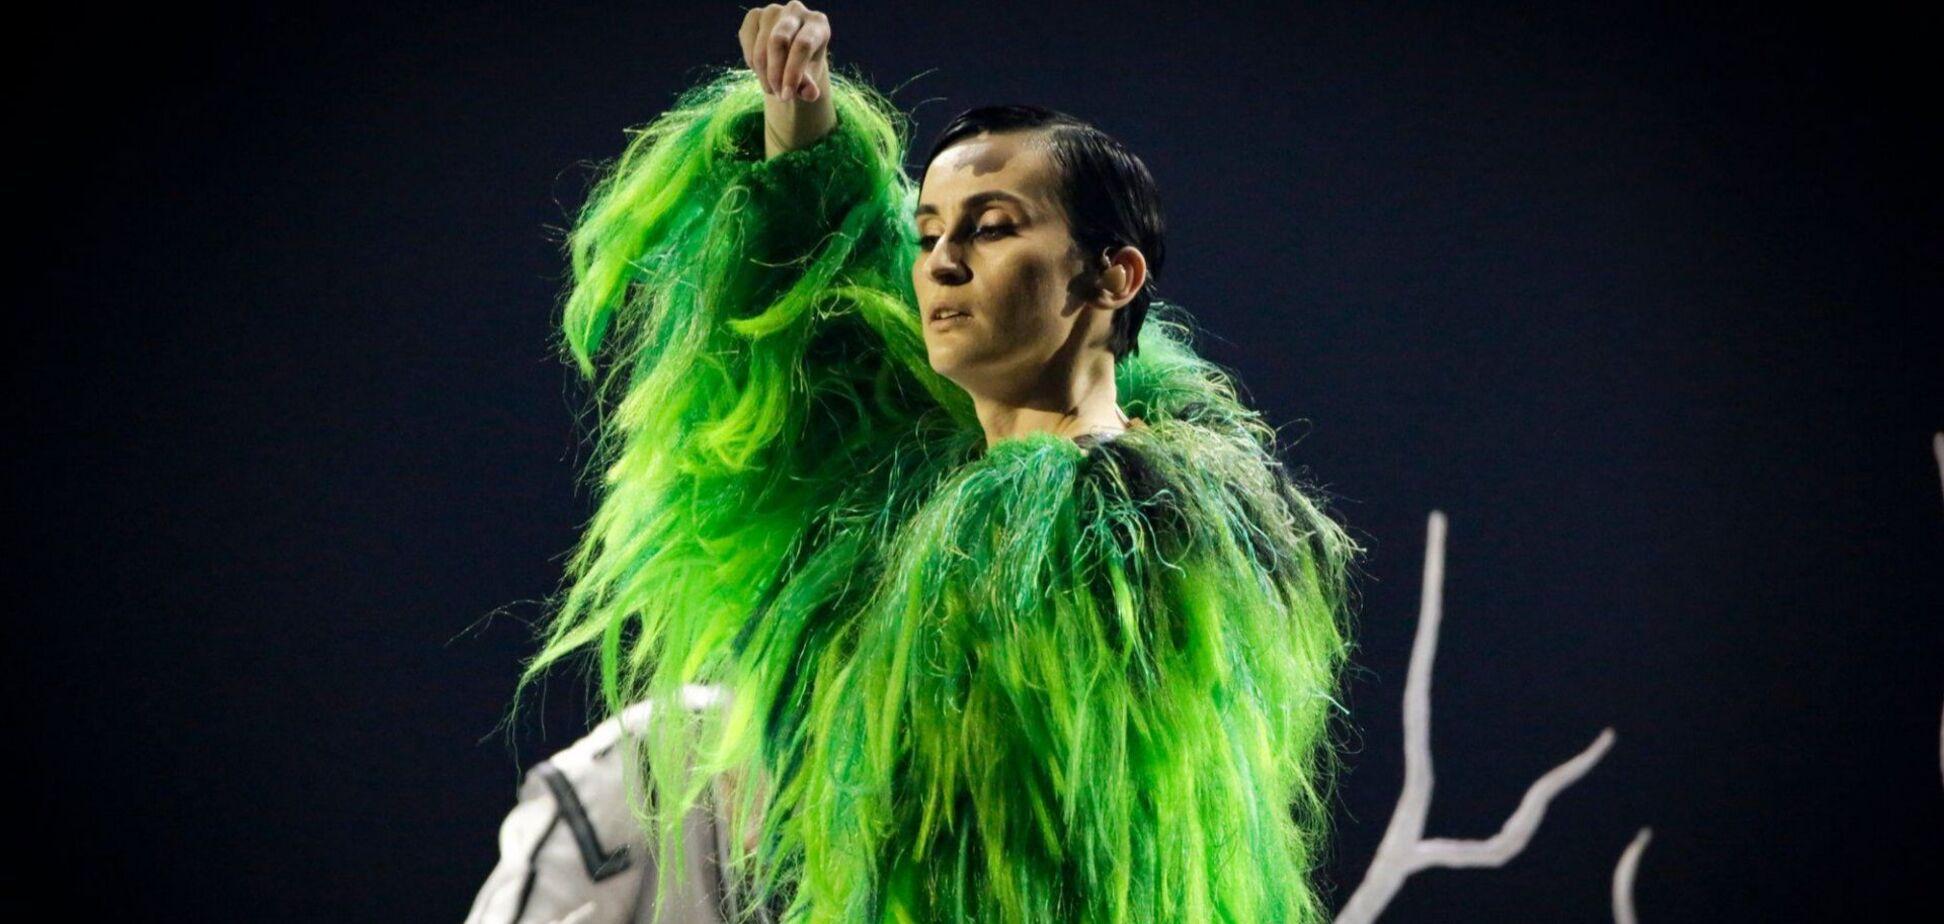 Выступление Gо_A на Евровидении попало в ТОП-10 самых популярных на конкурсе в этом году